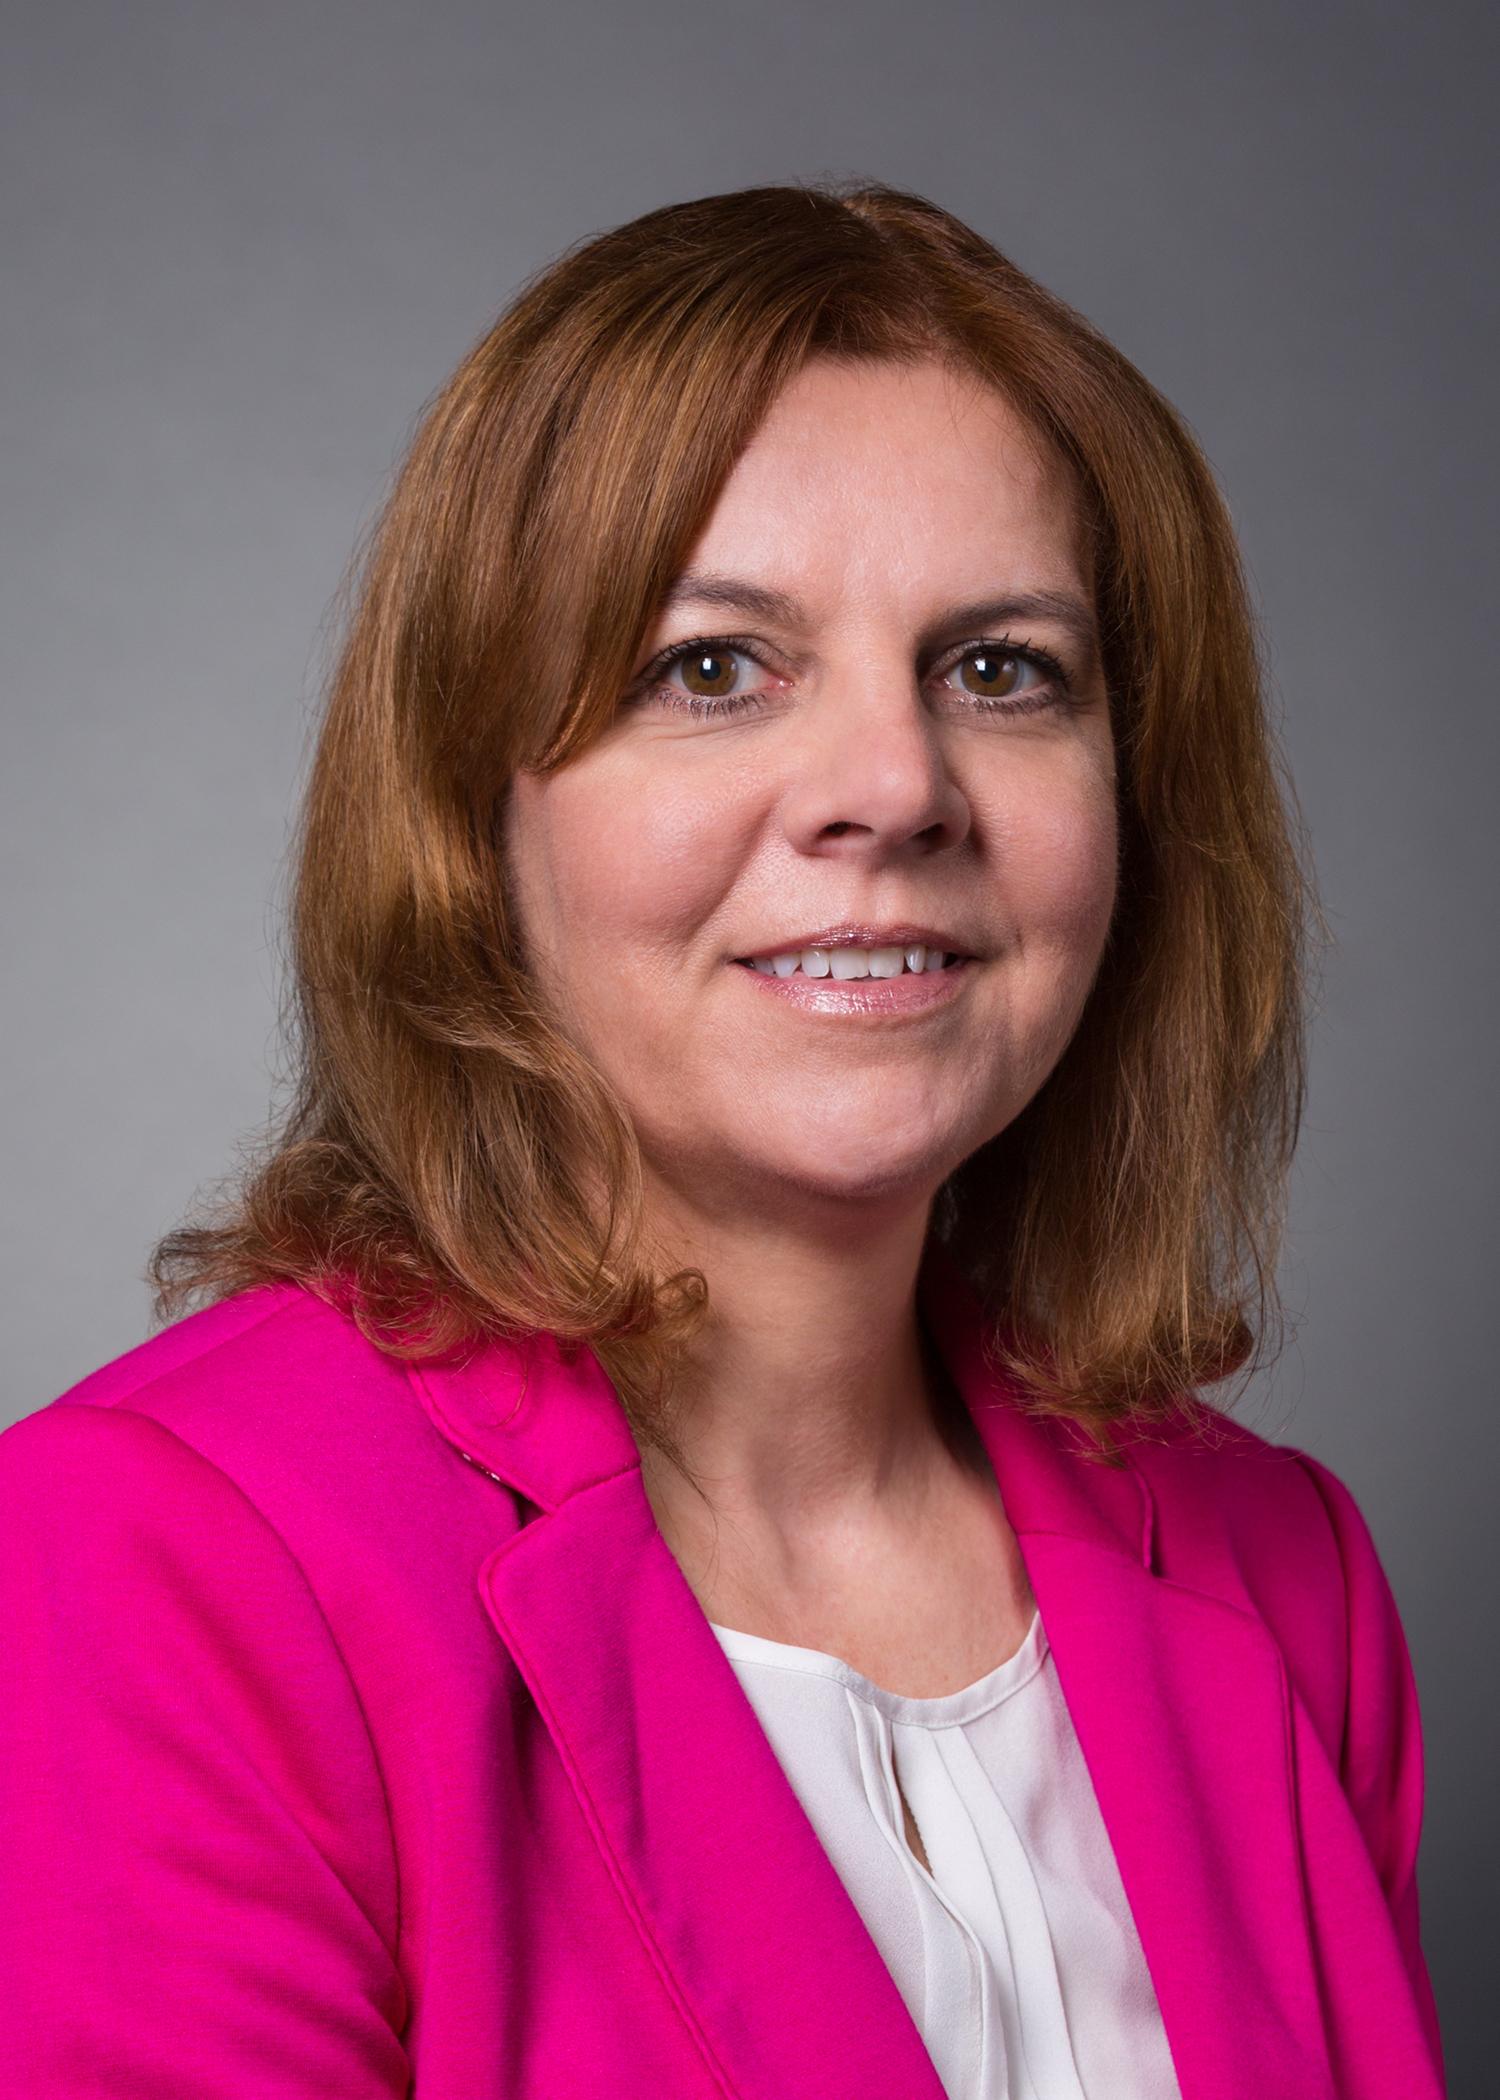 Tina Giorgio-0131r.JPG